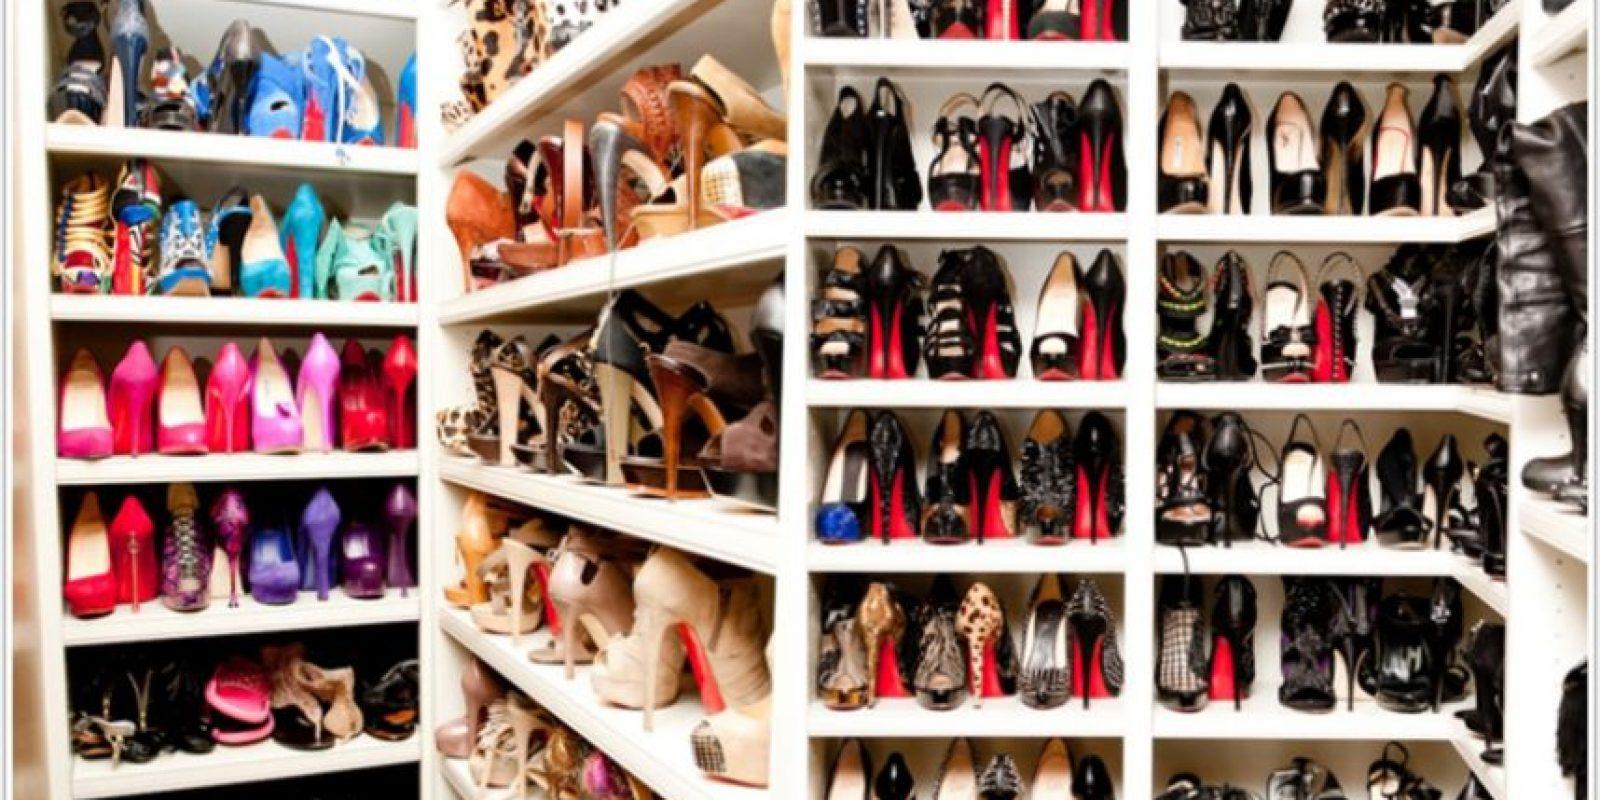 Tenía 300 pares de zapatos en su armario. Foto:vía Getty Images